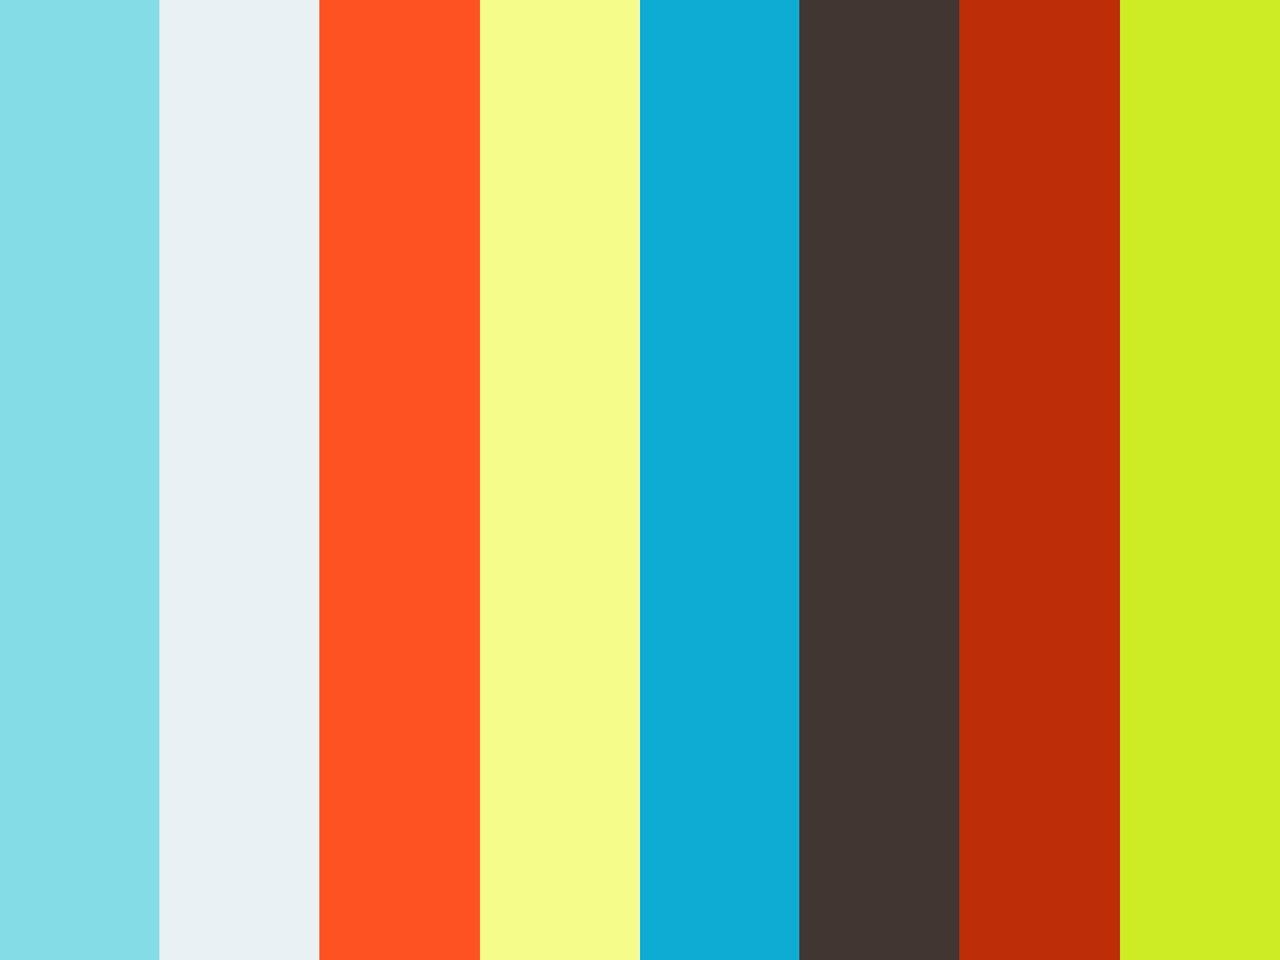 002867 - TV Provincie - Groepsaankoop zonnepanelen